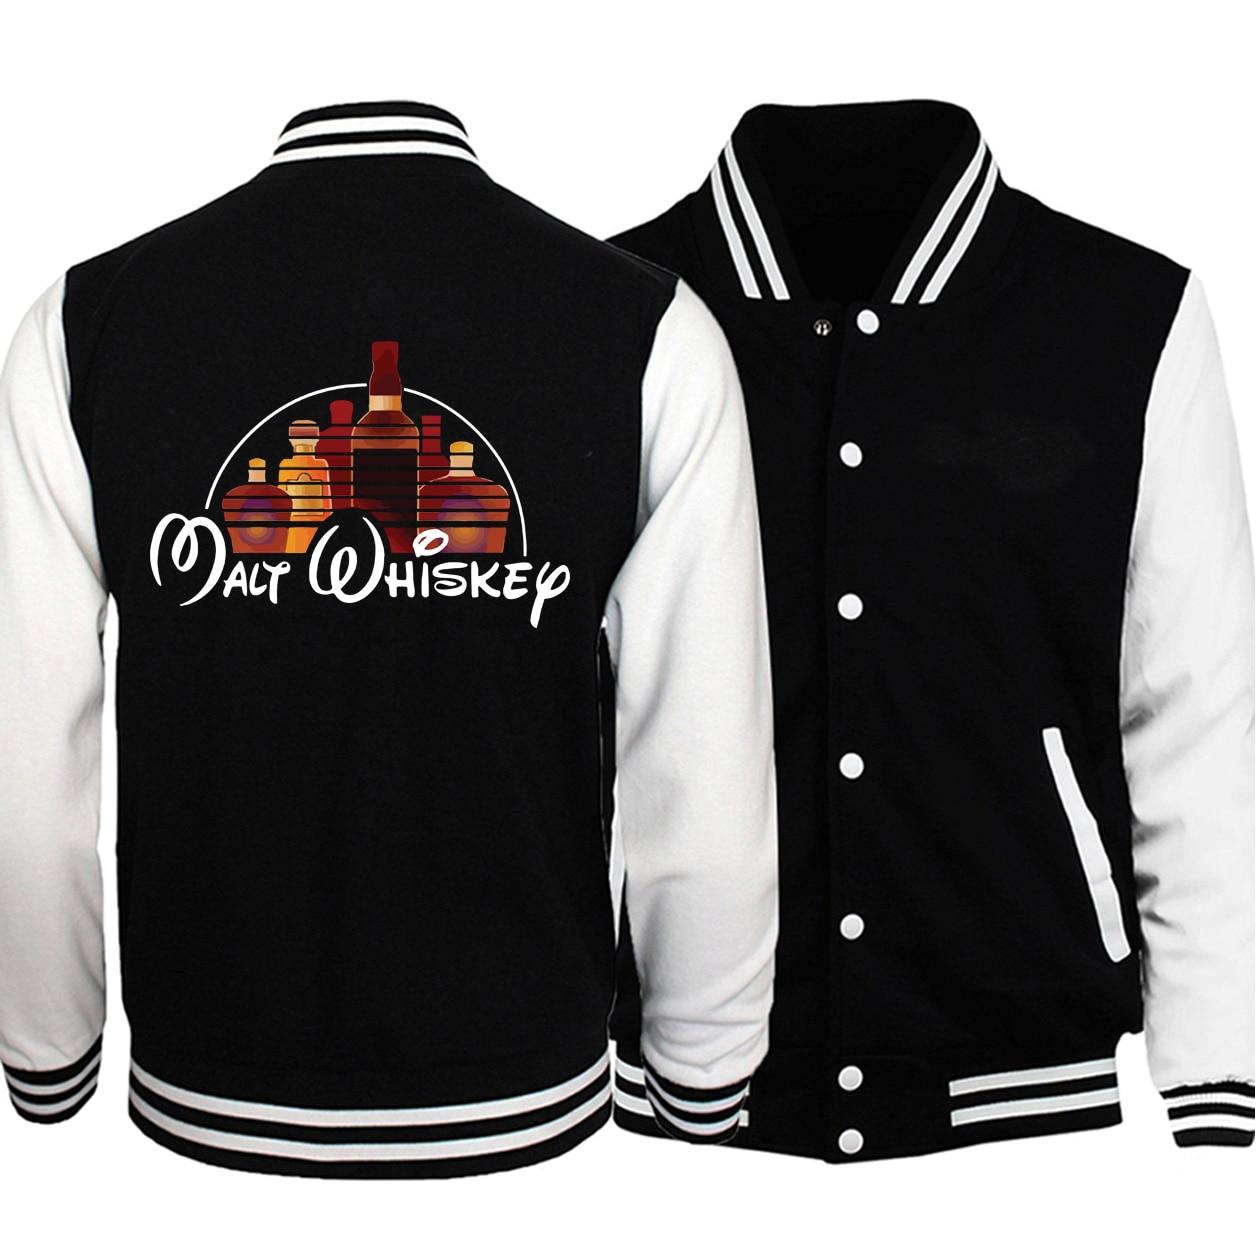 Malt Whisky Baseball Men Jackets Coats 2019 Winter Autumn Fleece Warm White Black Loose Sportswear Bomber Streetwear Plus Size